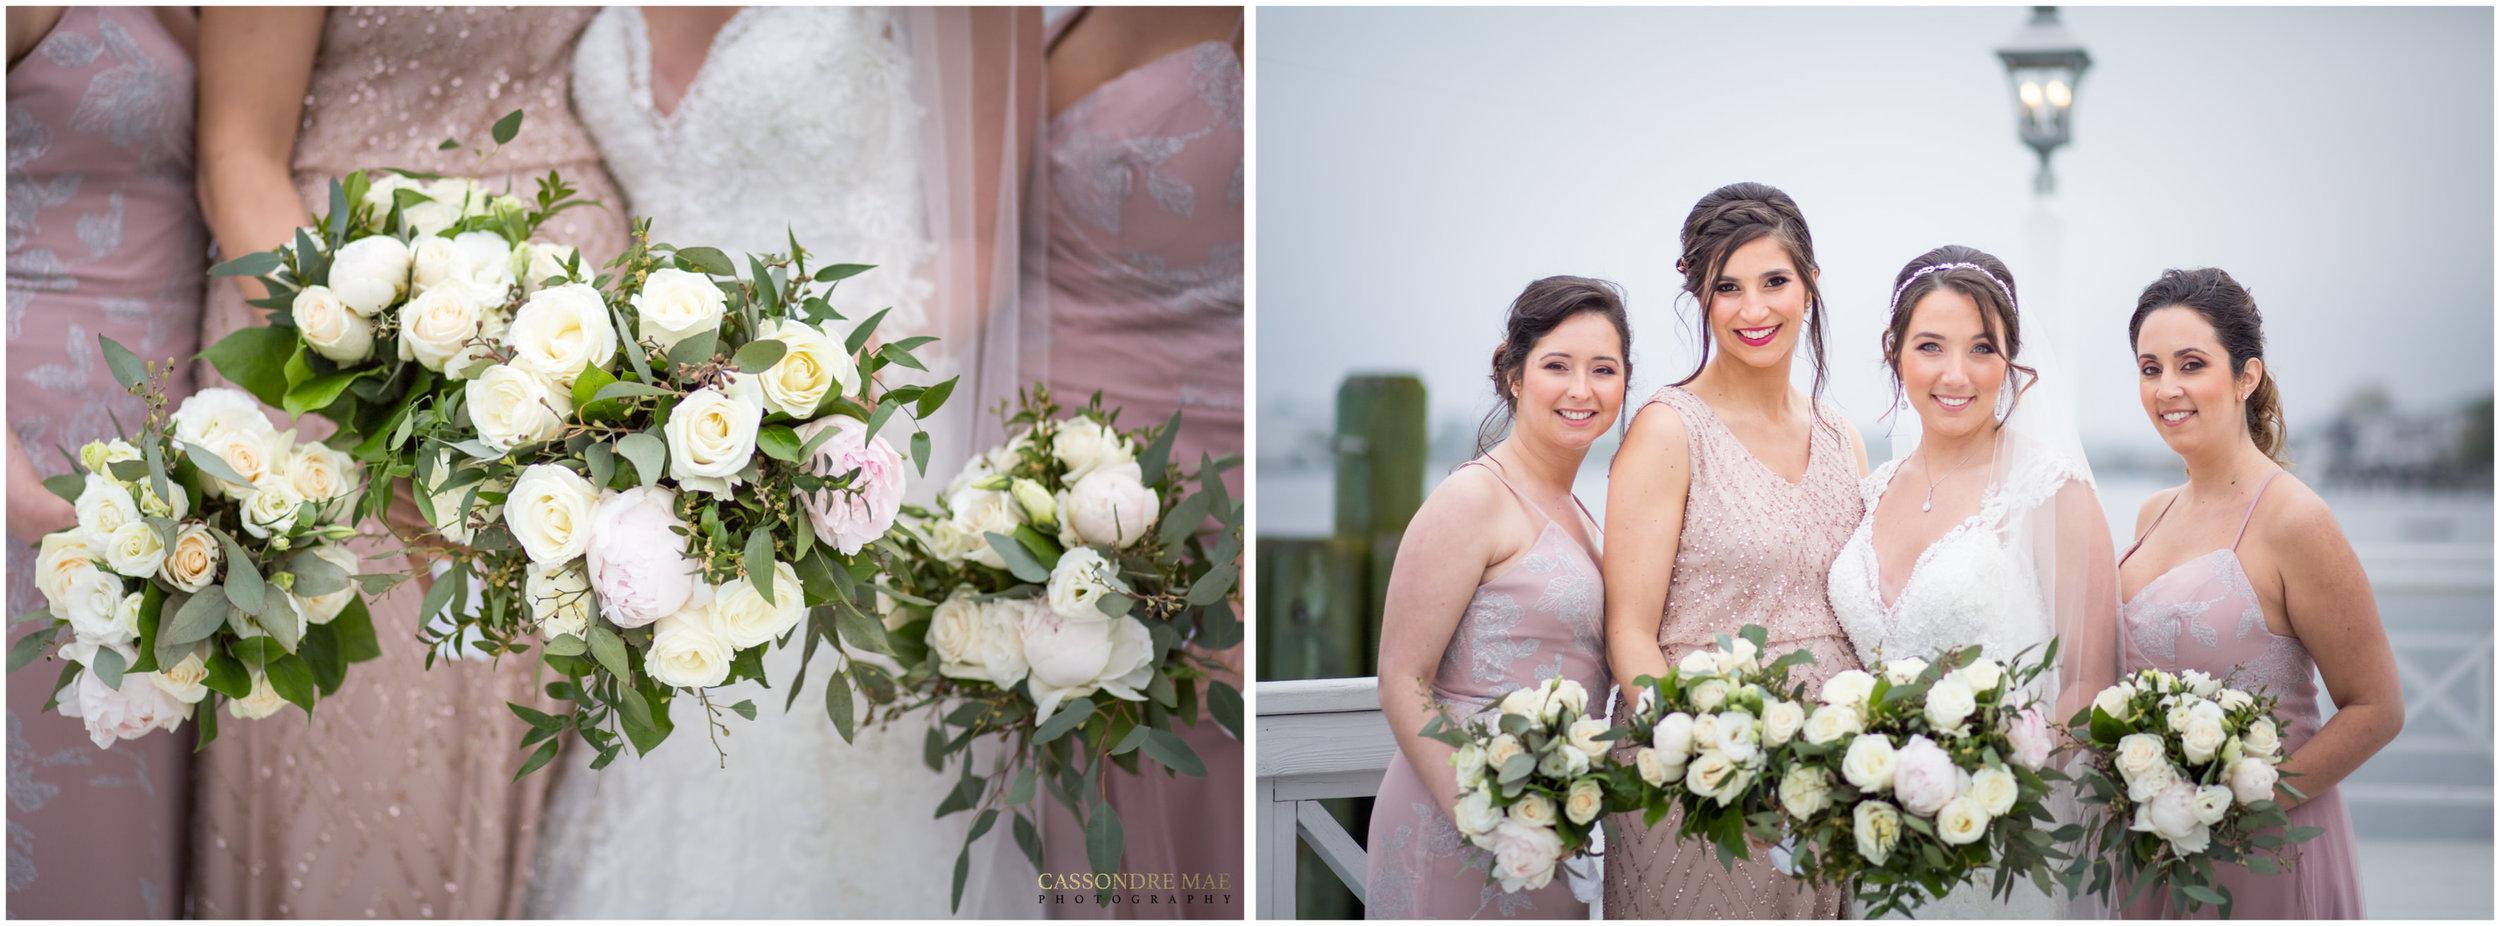 Cassondre Mae Photography Marina Del Ray Weddings 17.jpg